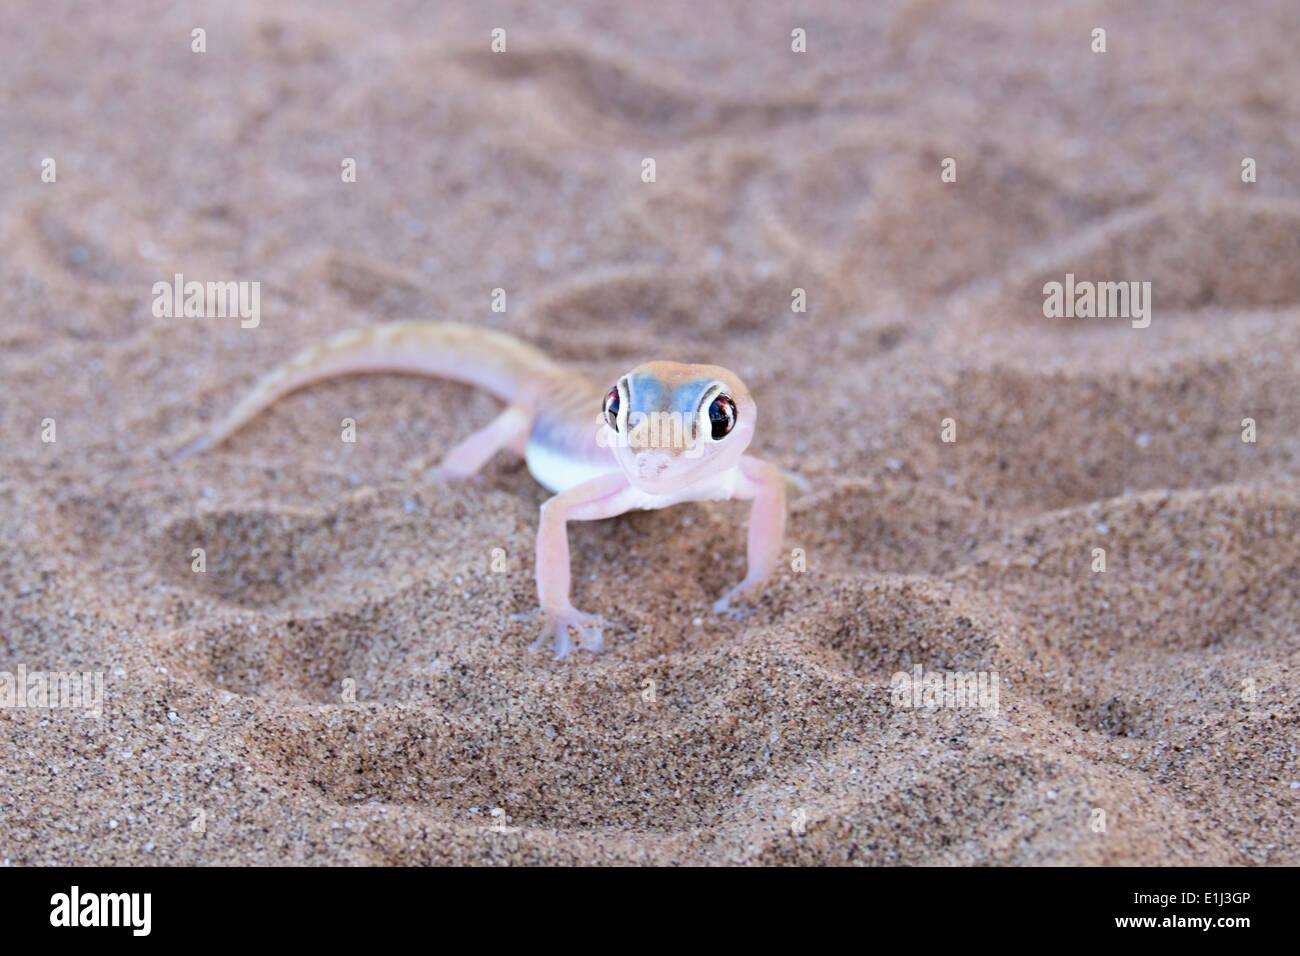 Africa, Namibia, Namib desert, Swakopmund, palmato gecko, Pachydactylus rangei, on sand Stock Photo